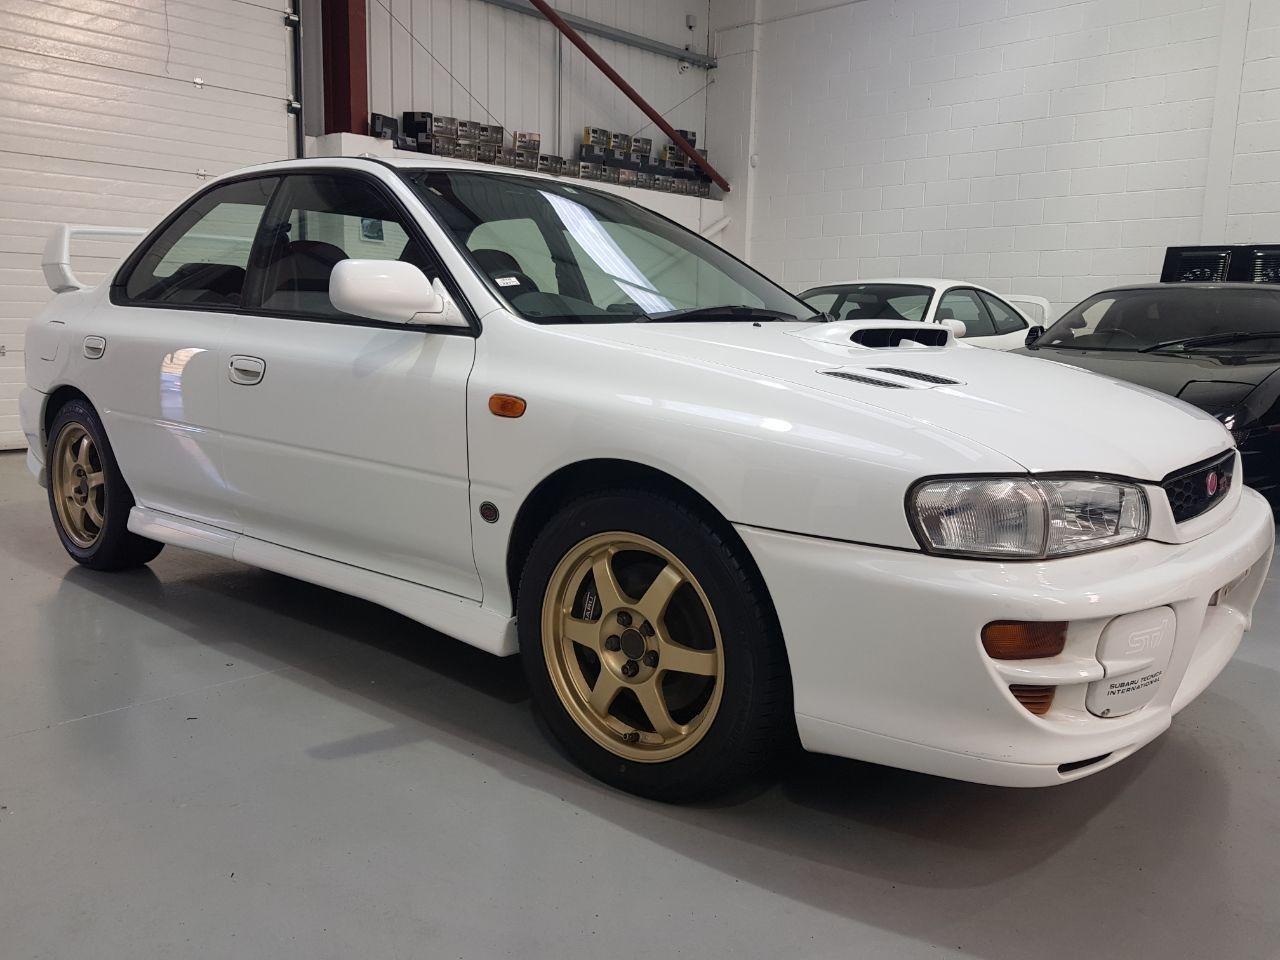 1998 Subaru Impreza 2.0 WRX STI Version 5 - GC8 For Sale (picture 6 of 6)